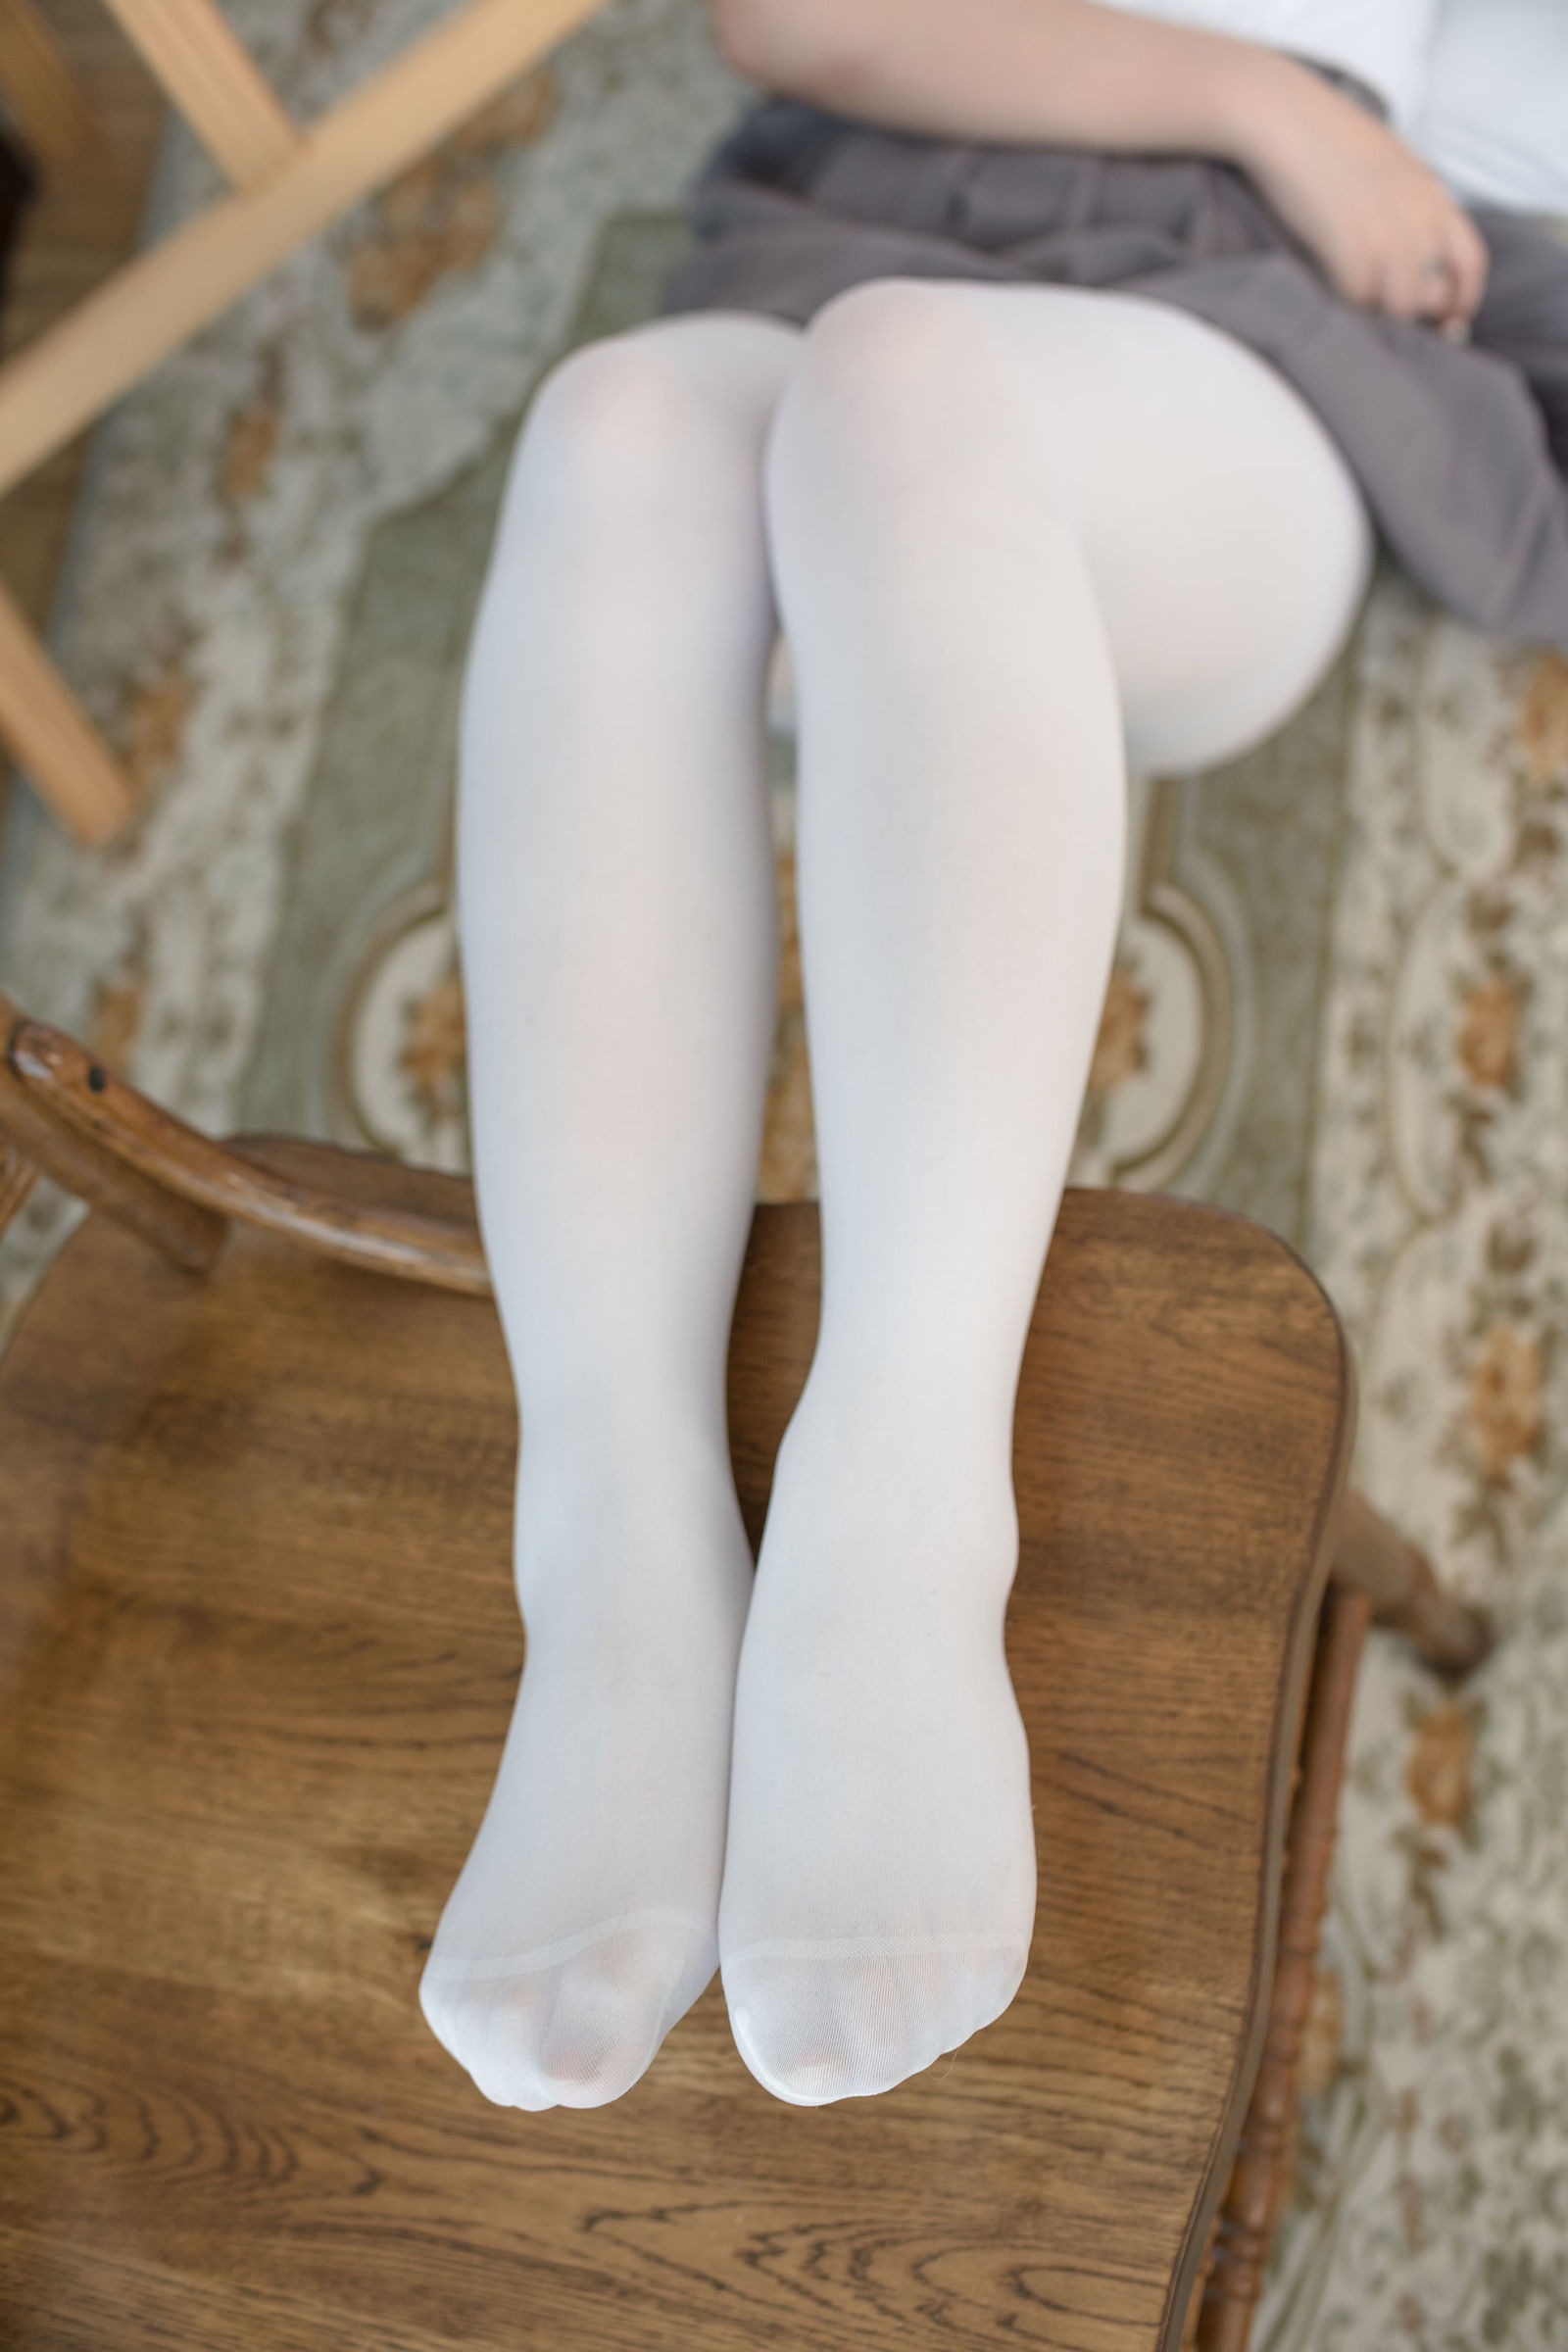 小强辅助网:来看美腿·福利腿腿·为性感专属打造【第6期】